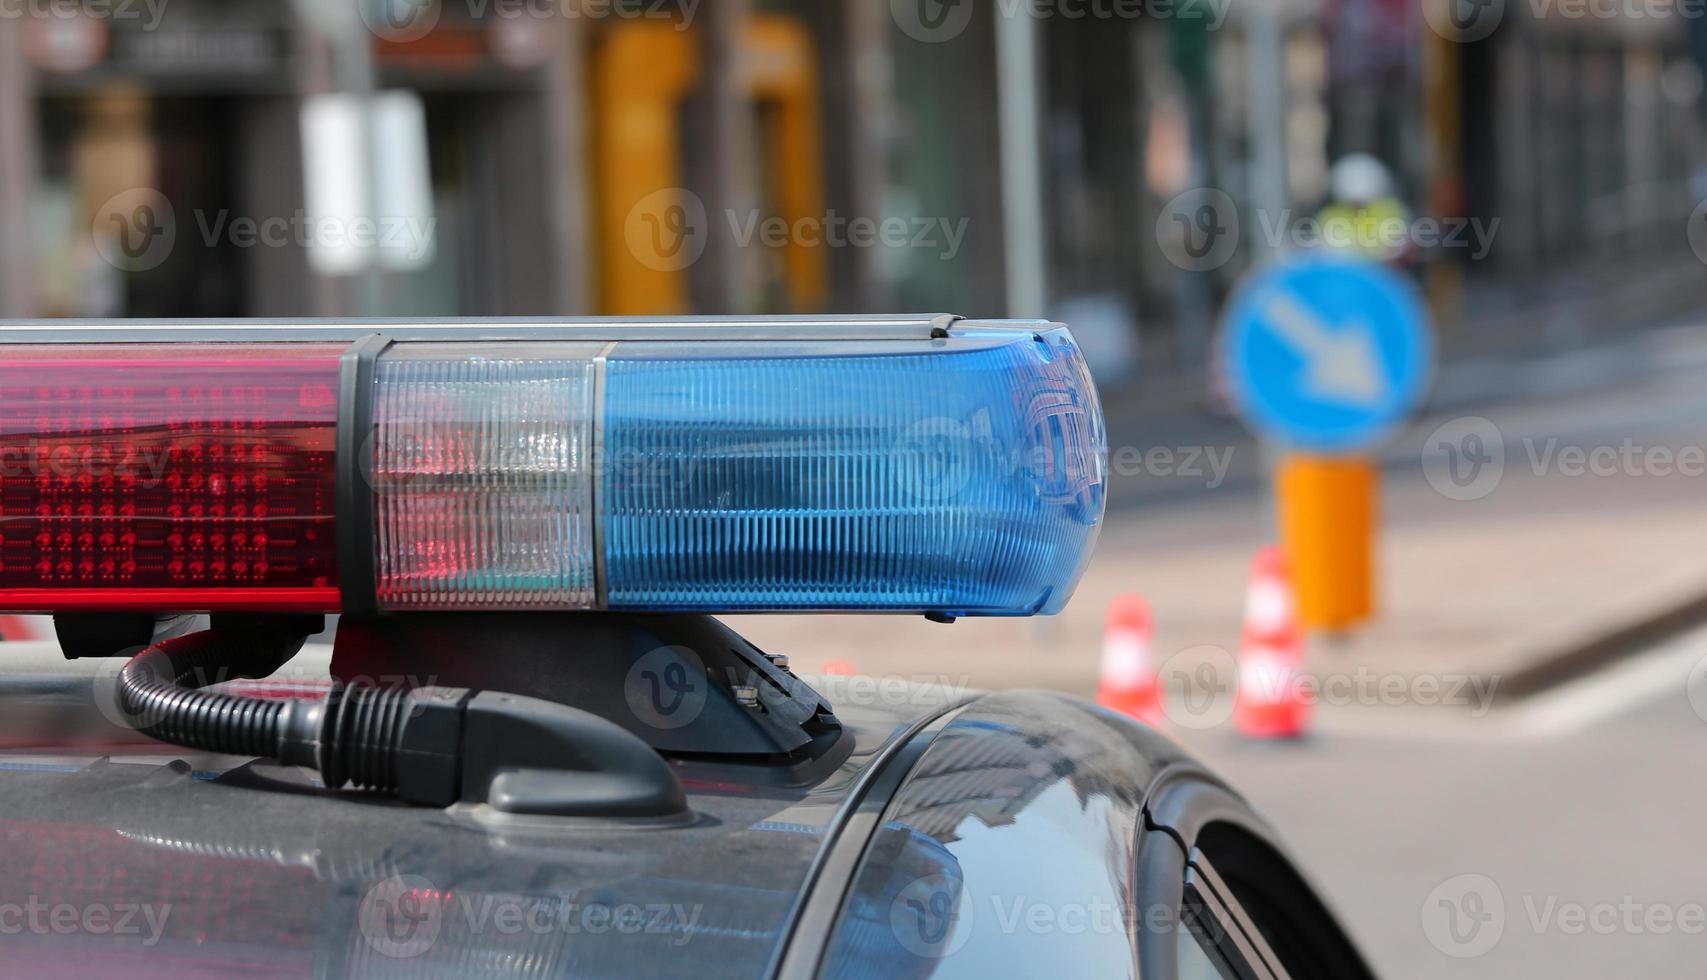 sirènes clignotantes bleues et rouges de voiture de police photo